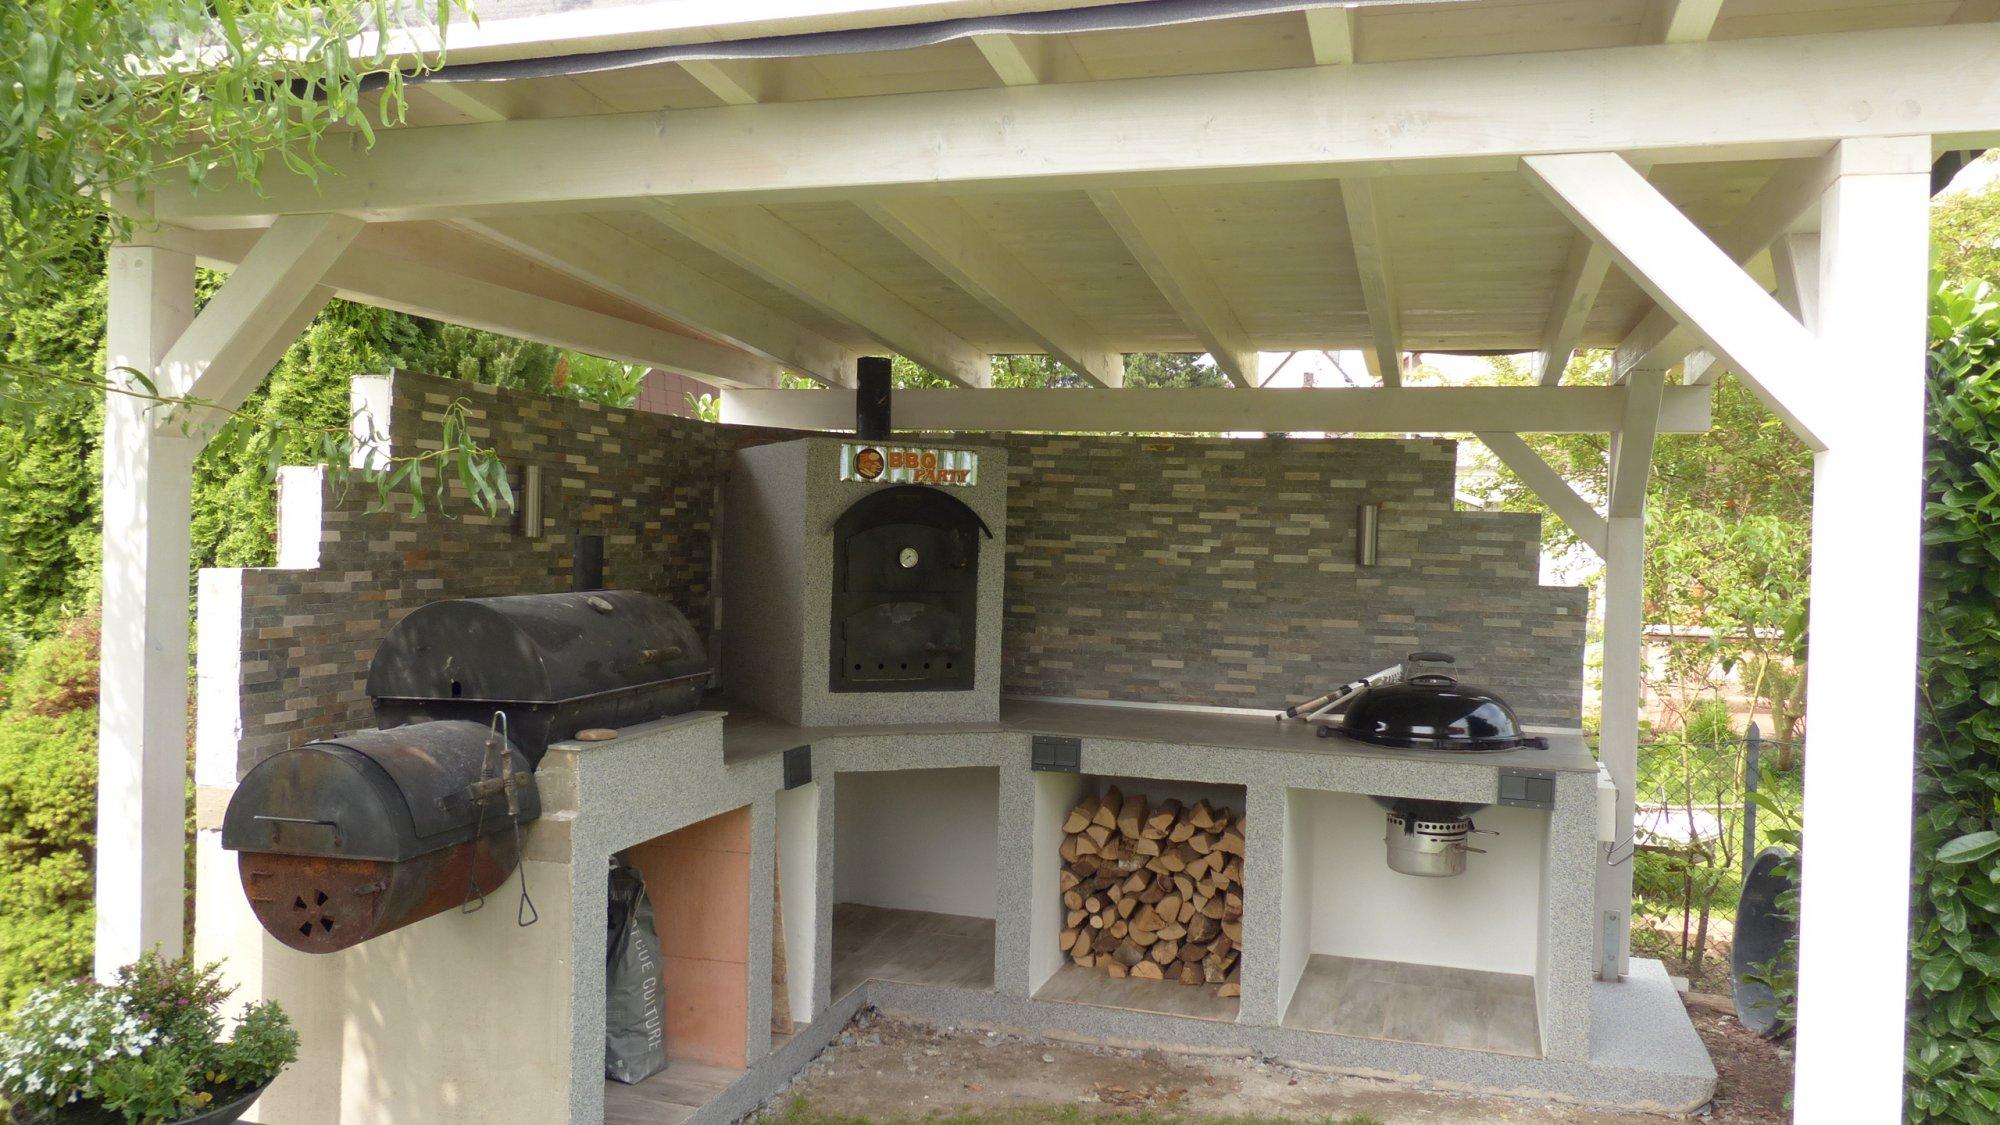 Outdoor Küche Grillsportverein : Geschafft göga stimmt bau einer outdoorküche zu seite